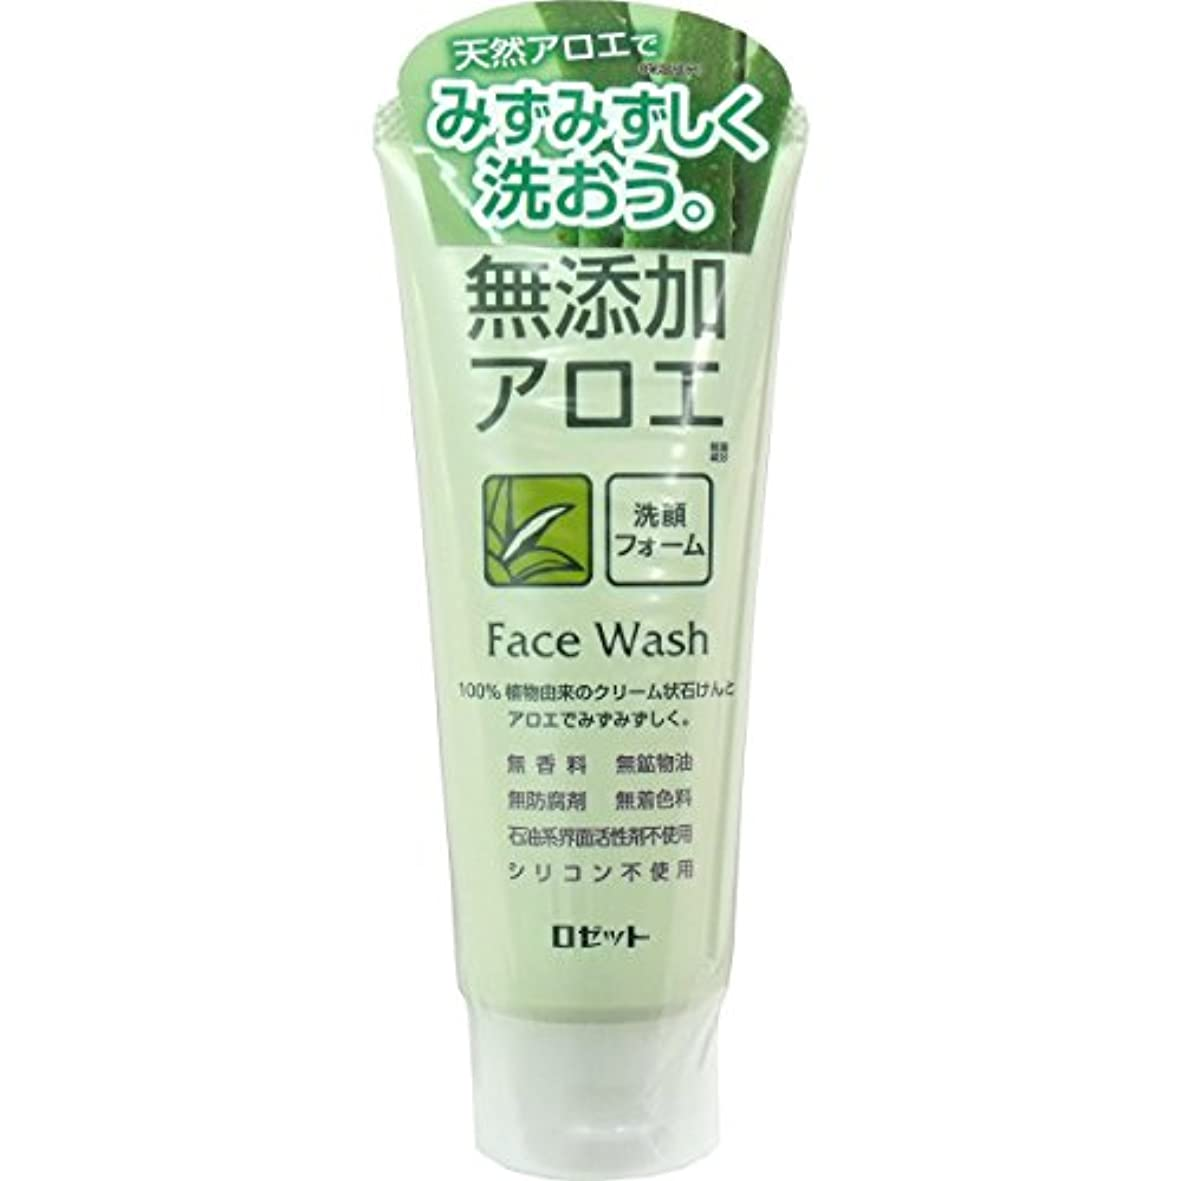 【ロゼット】無添加アロエ 洗顔フォーム 140g ×20個セット